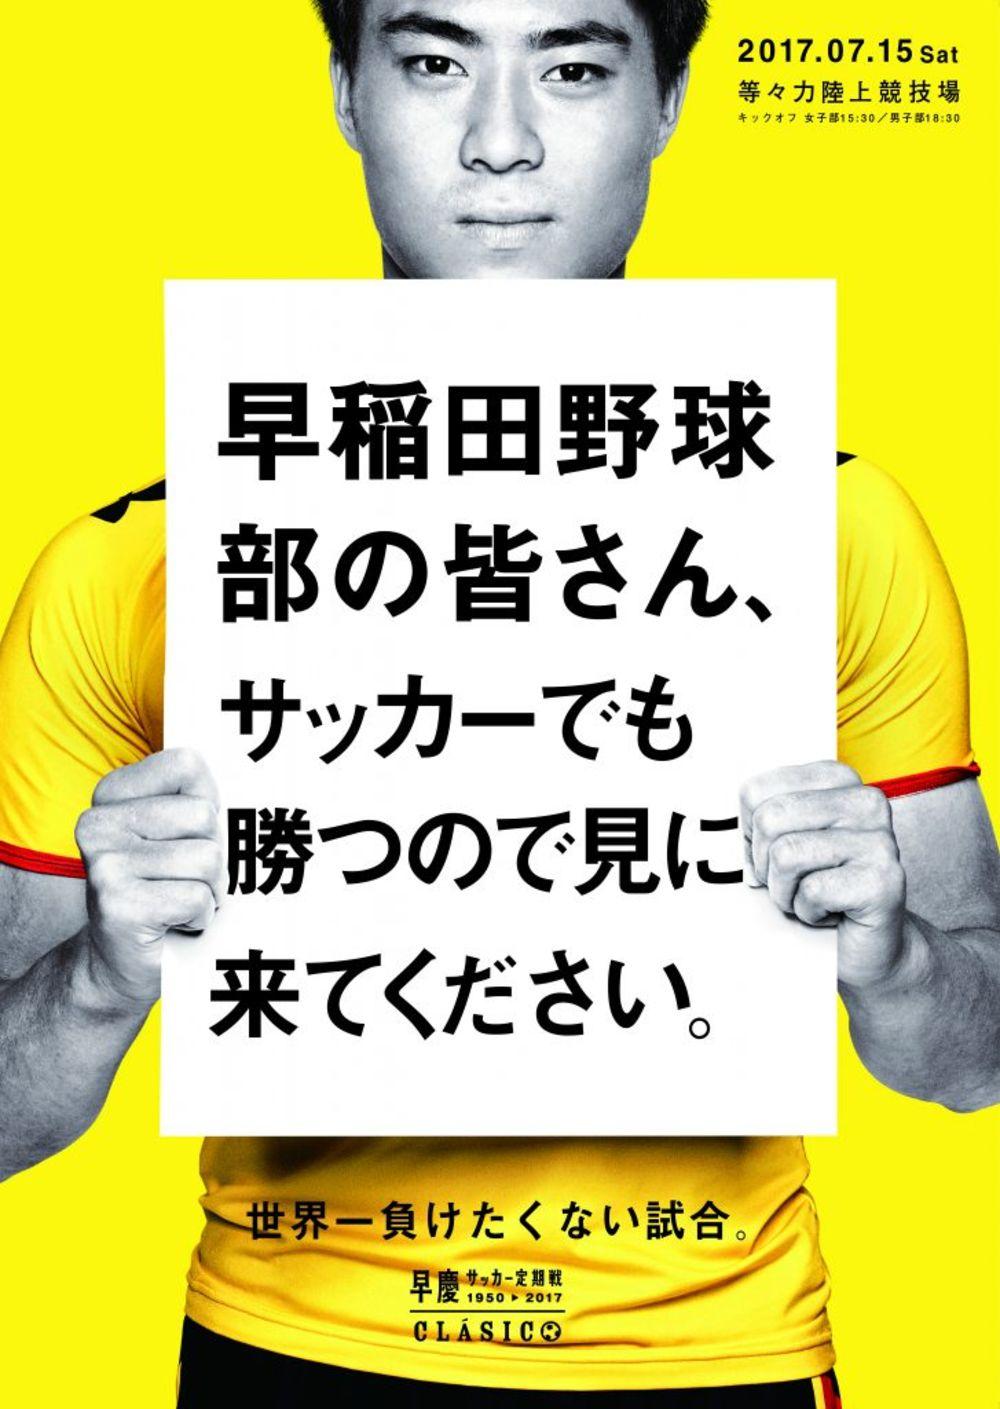 早慶戦のポスター